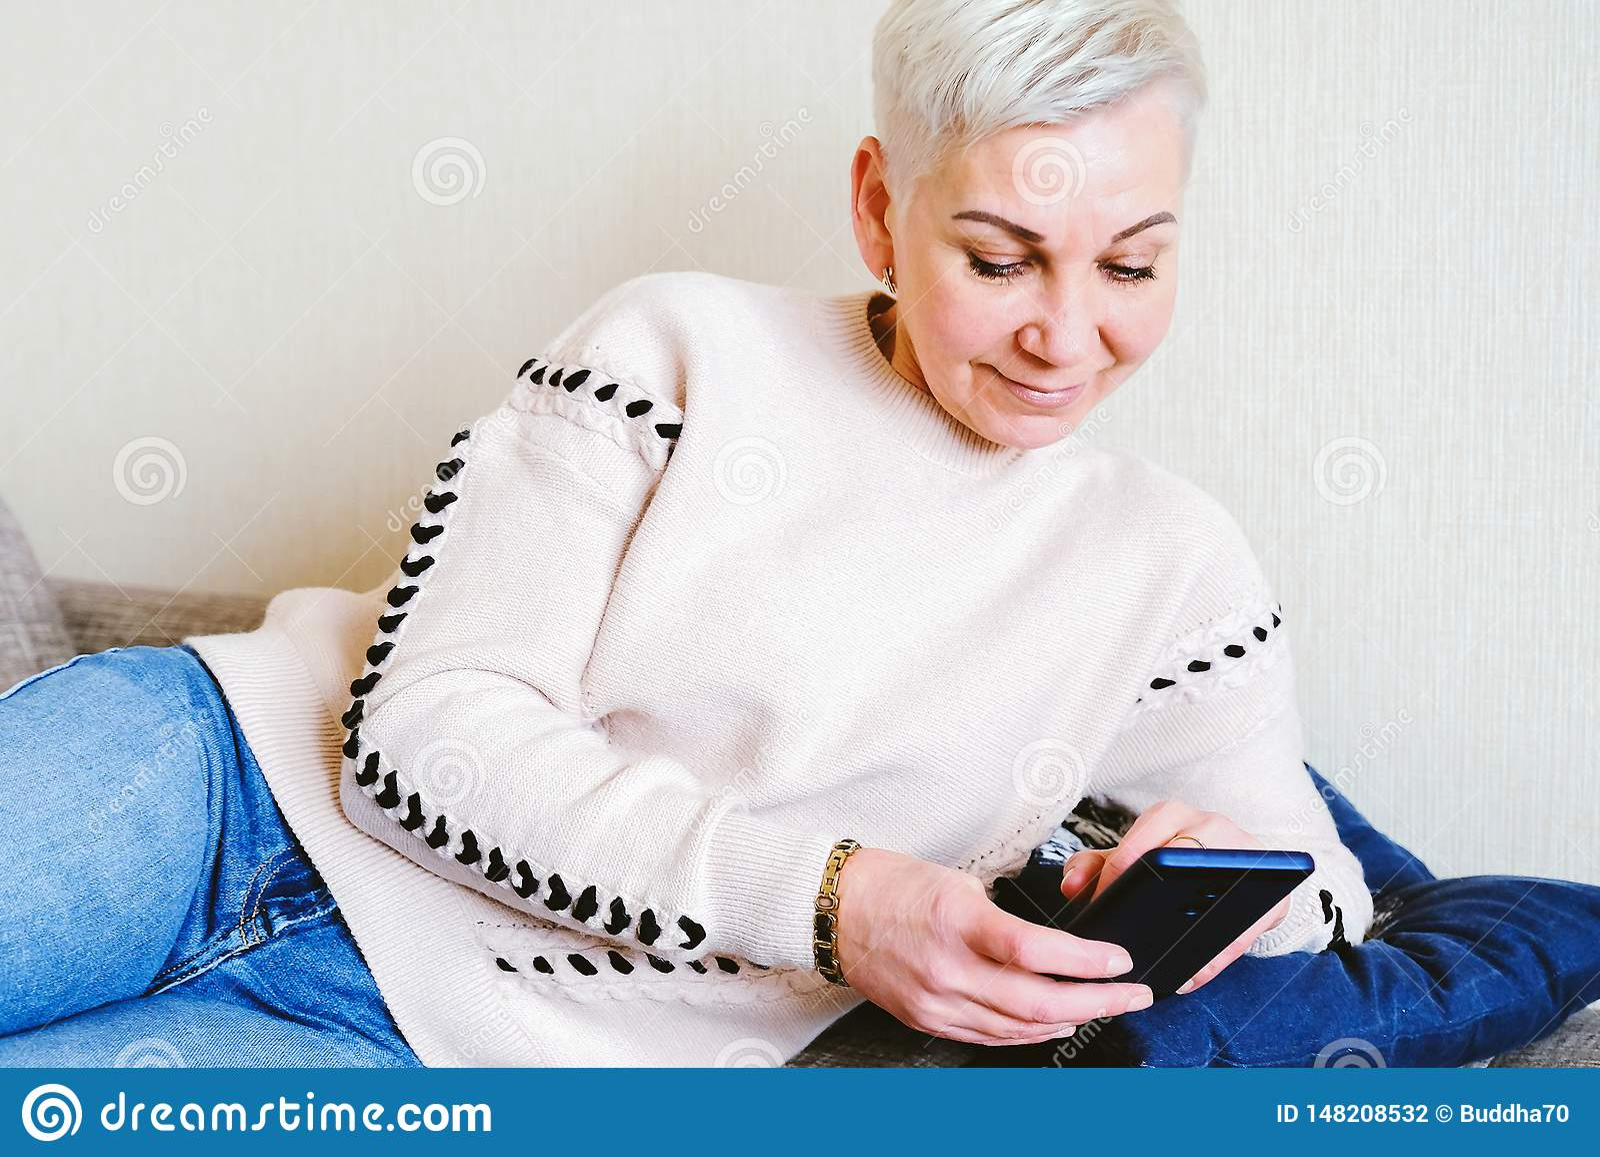 Dziewczyna czyta SMS w smartphone Emocja radosna niespodzianka Kobiety zwieraj? ostrzy?enie Modny elegancki profil z